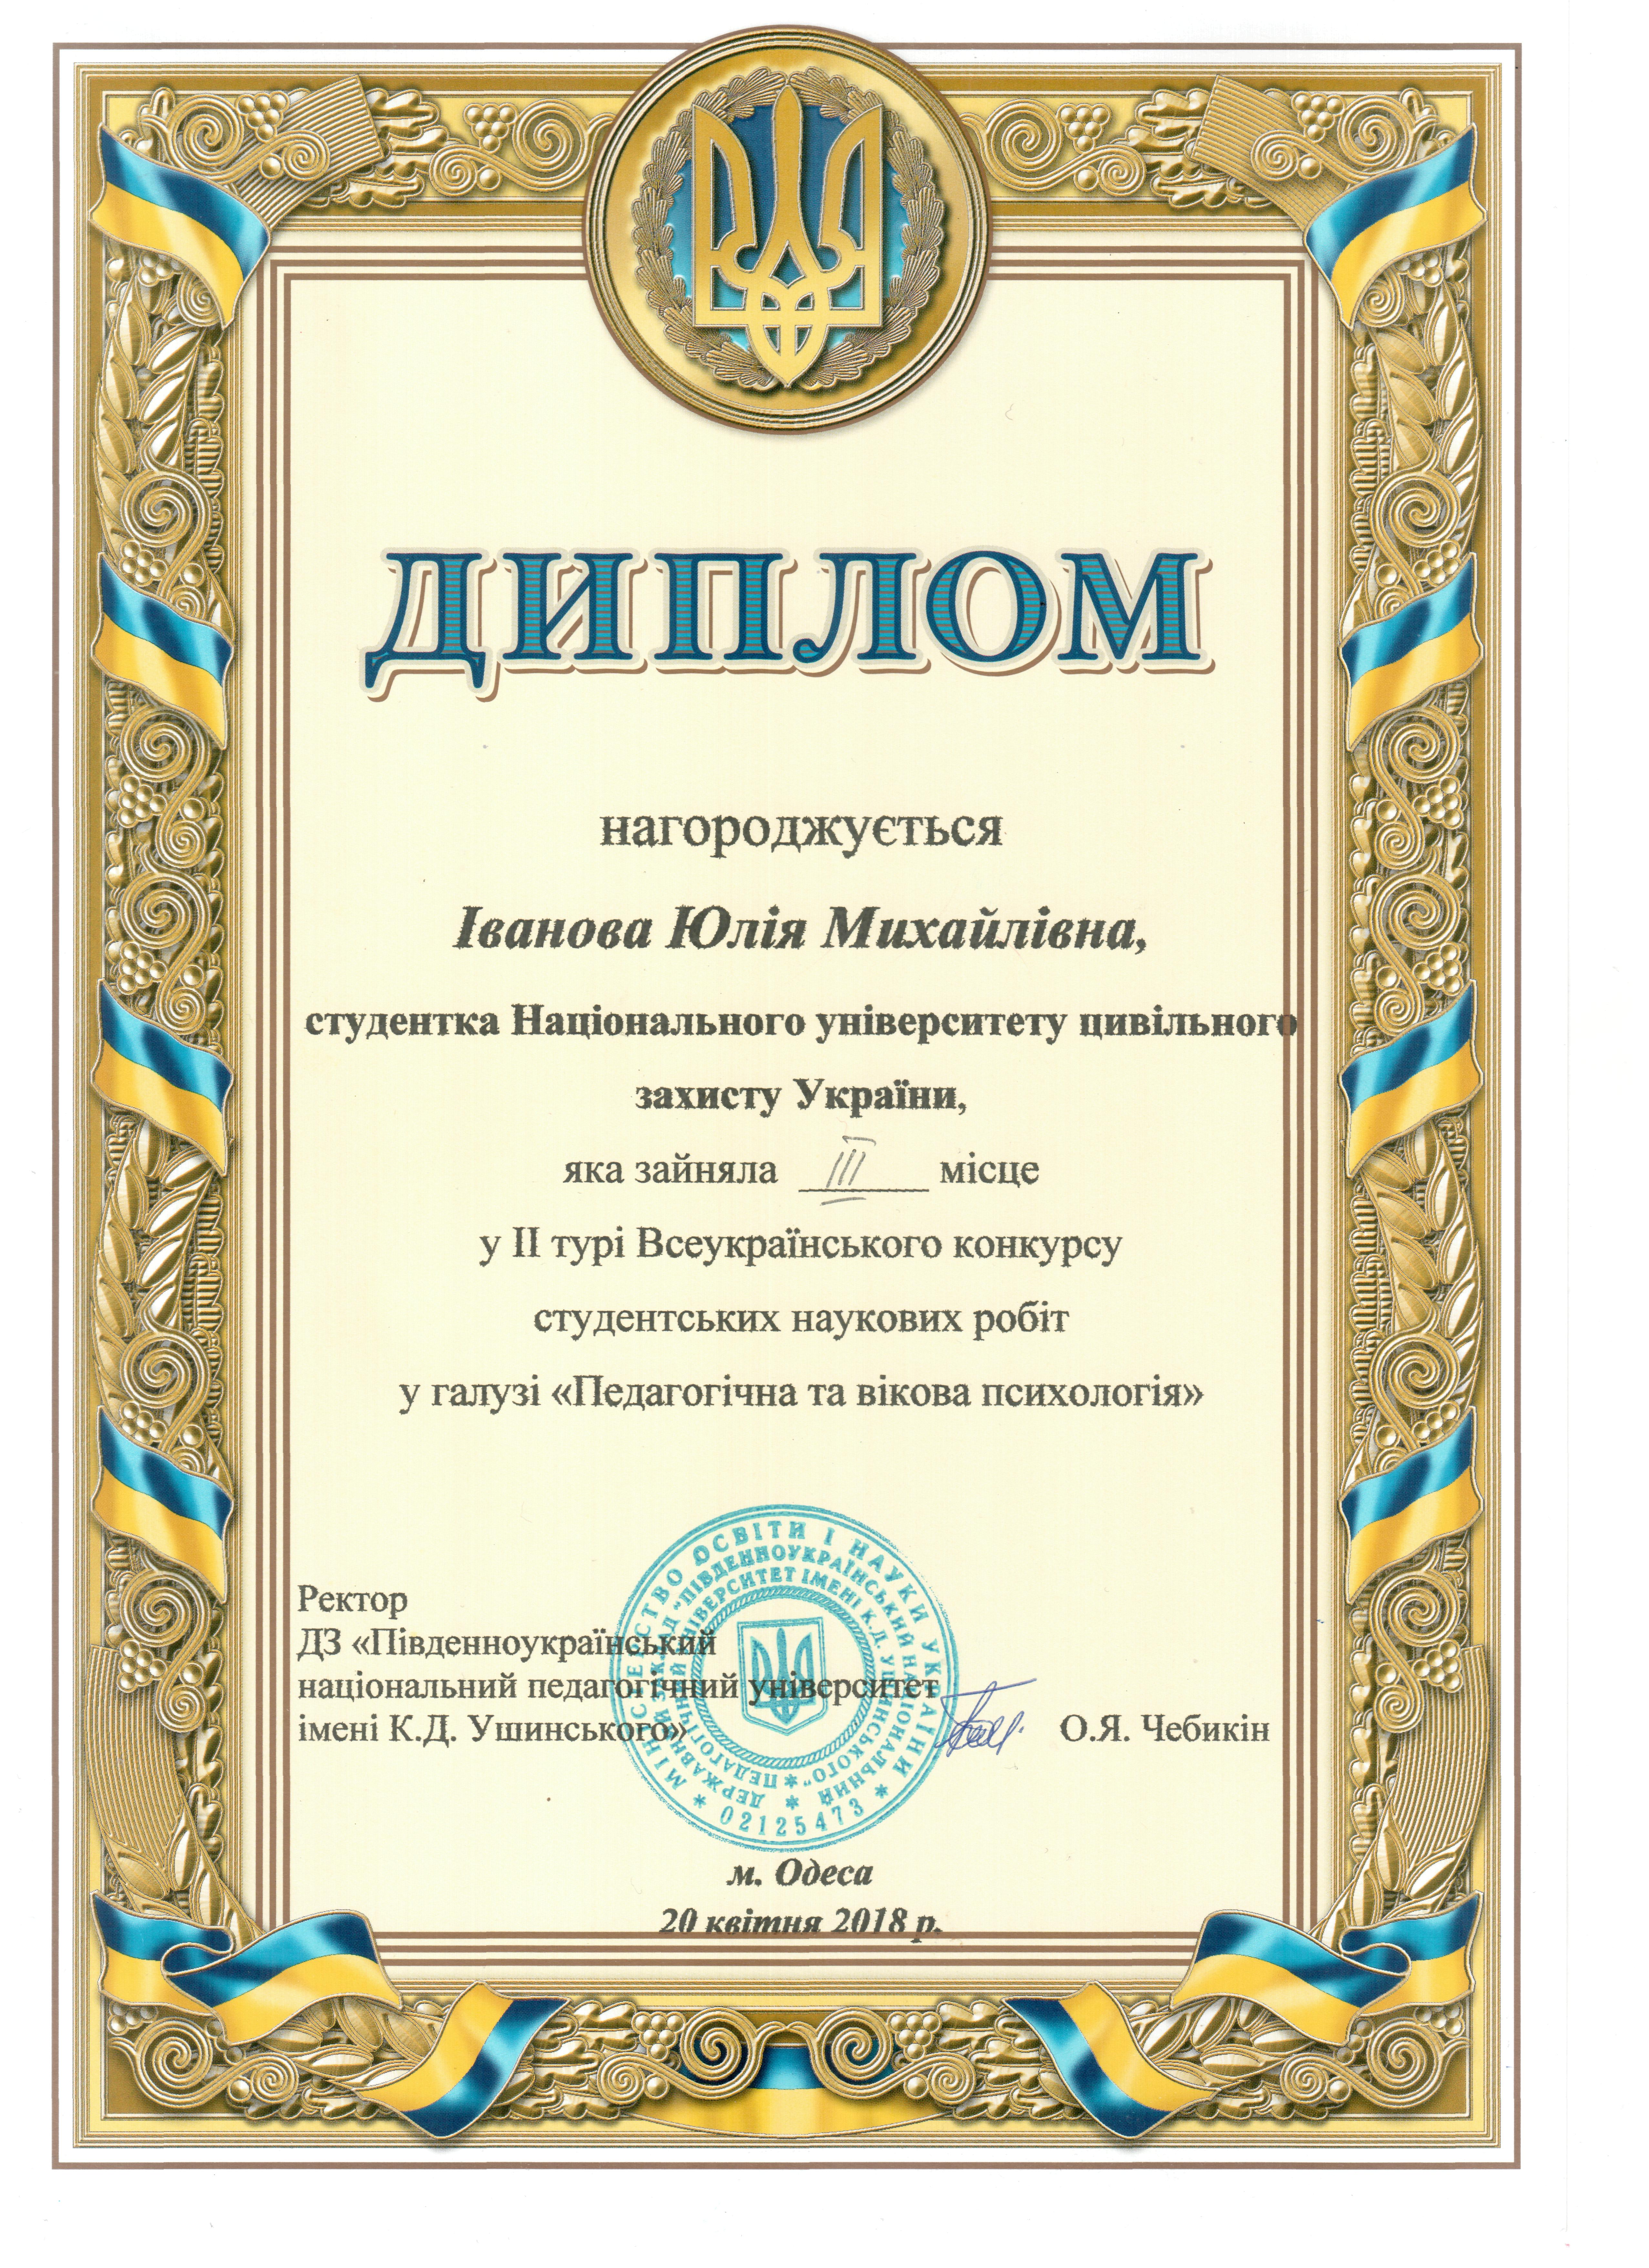 http://edu-mns.org.ua/img/news/7723/Diplom.jpg